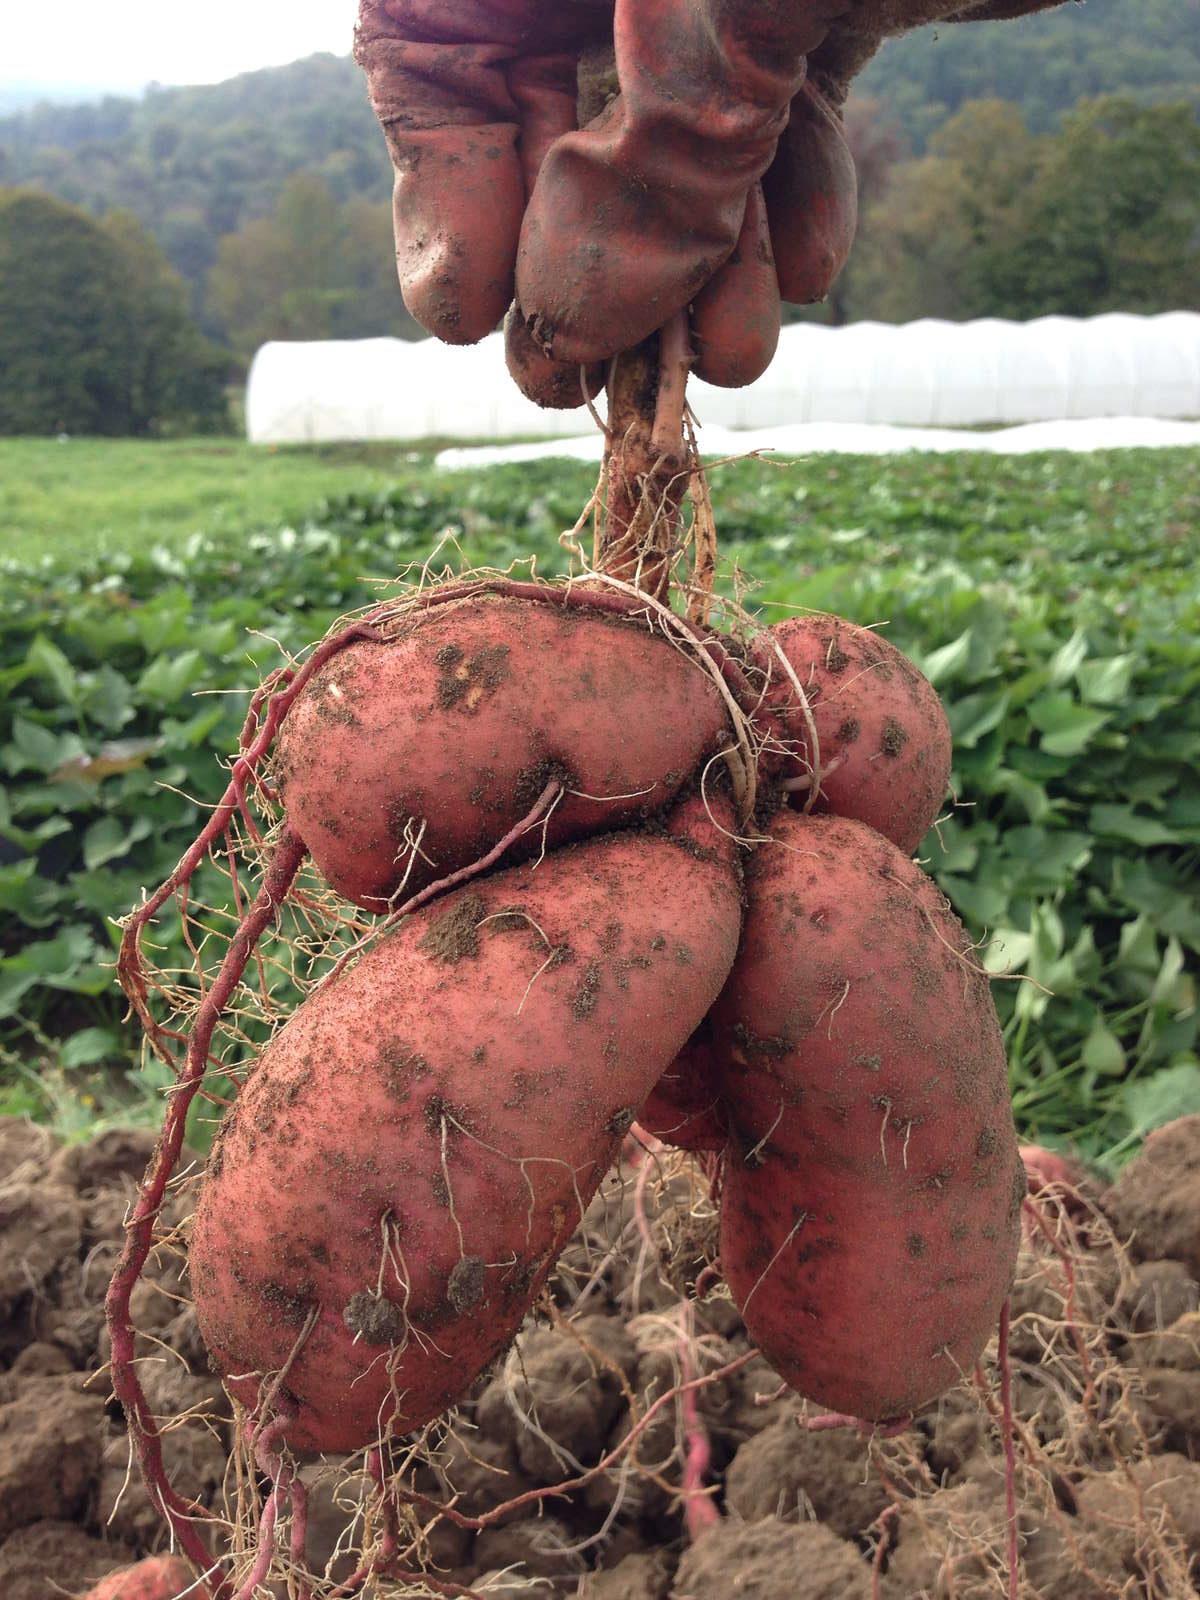 Süßkartoffel überblick Und Informationen Zur Süßen Kartoffel Plantura